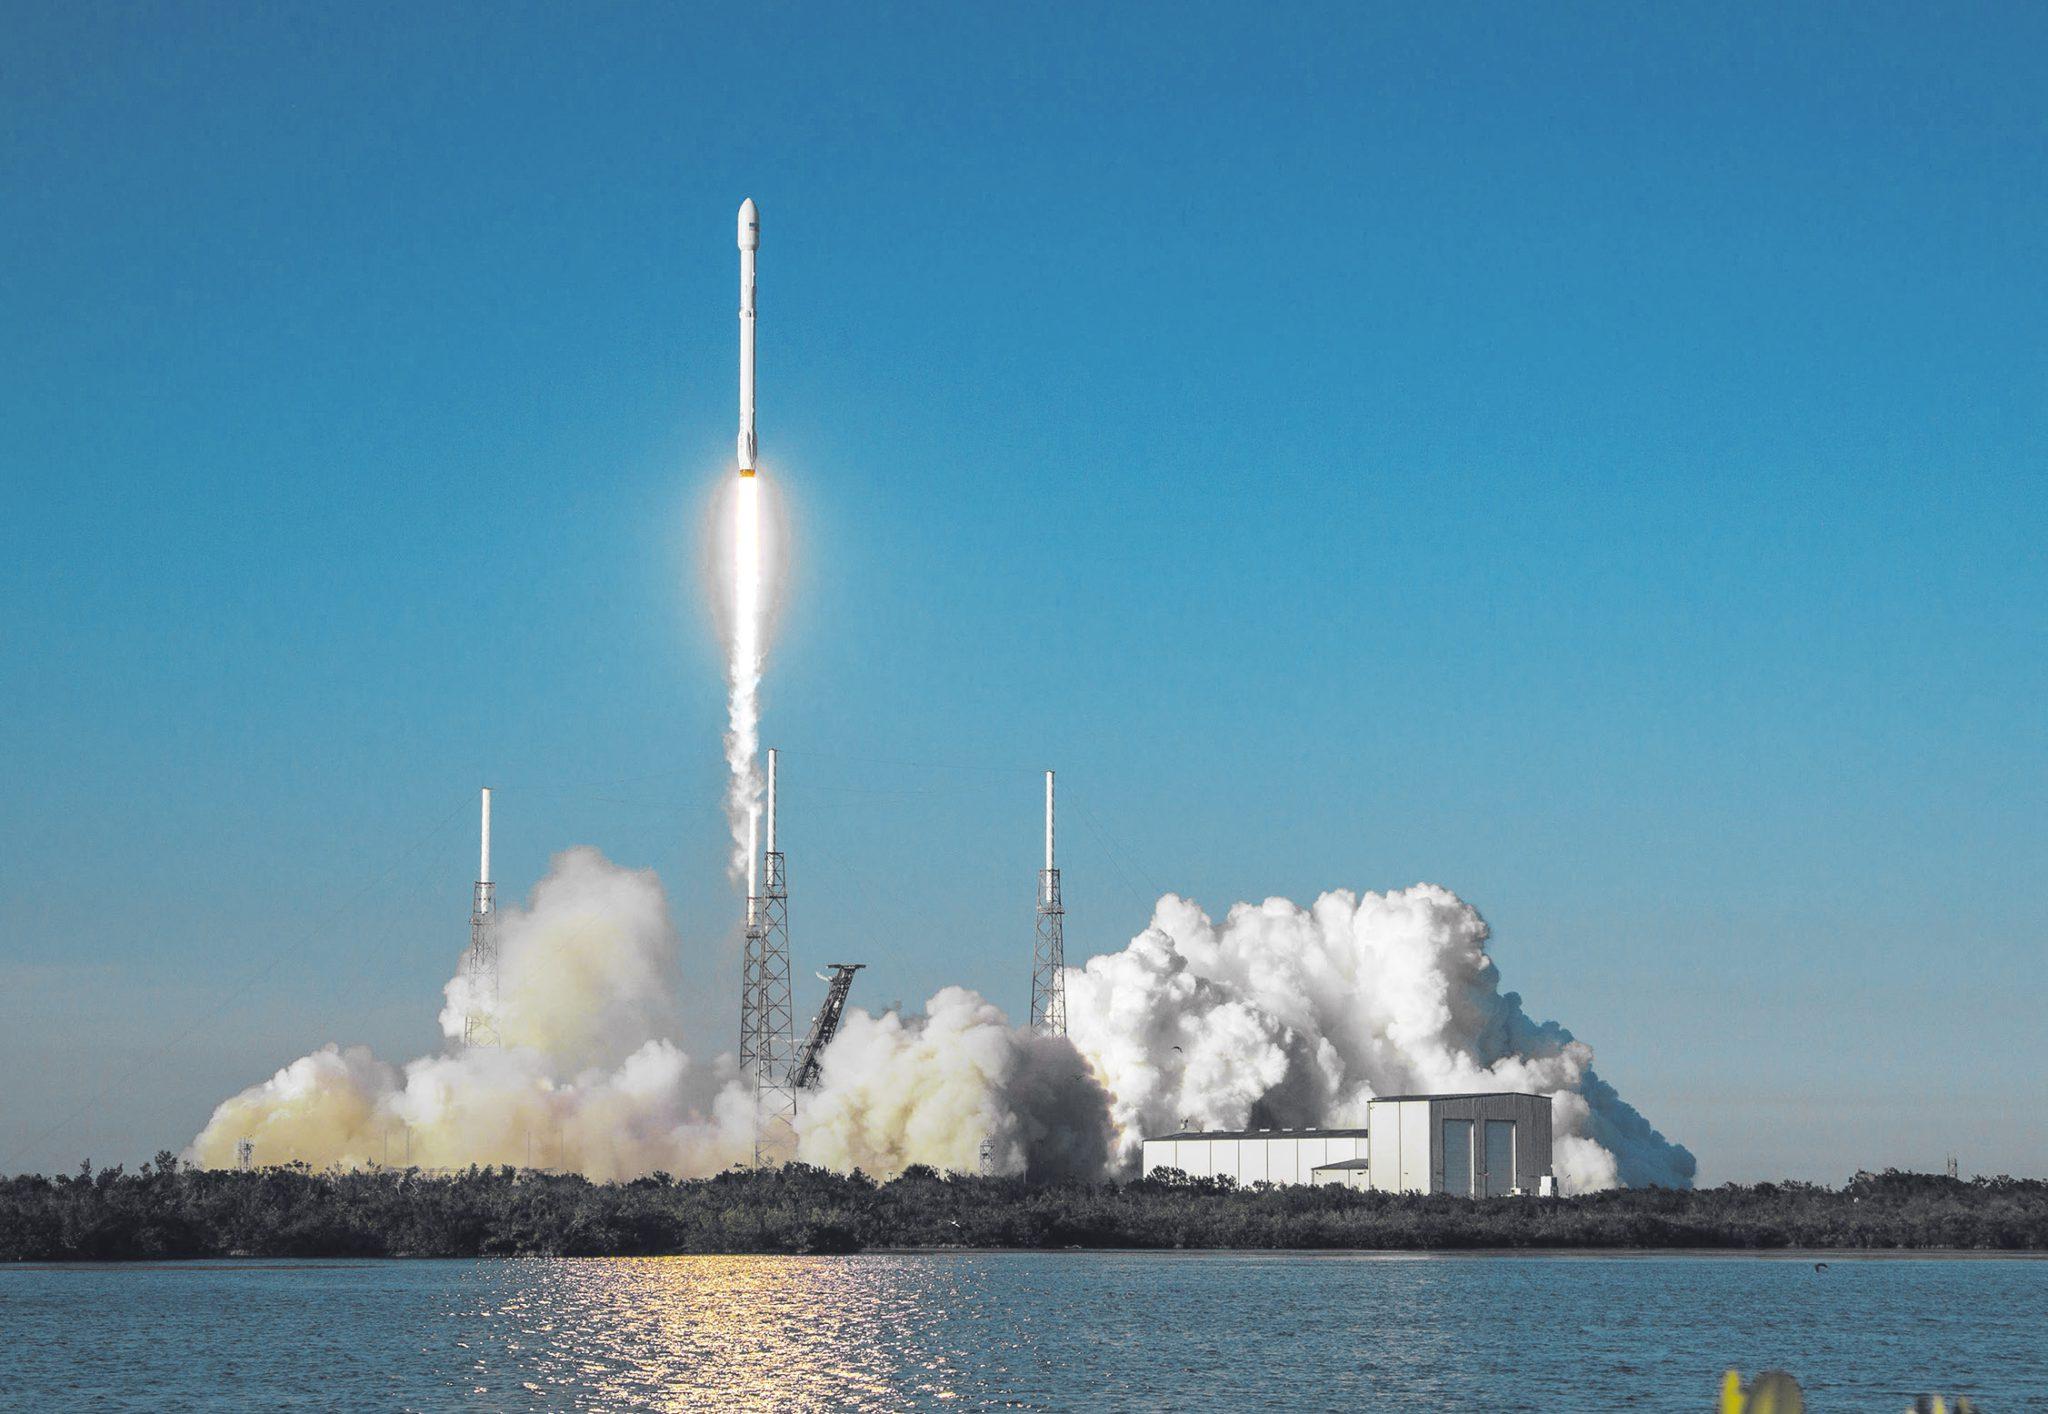 Запуск орбитального телескопа TESS с мыса Канаверал 18 апреля ракетой-носителем «Фалькон-9» (Official SpaceX Photos — TESS Mission)